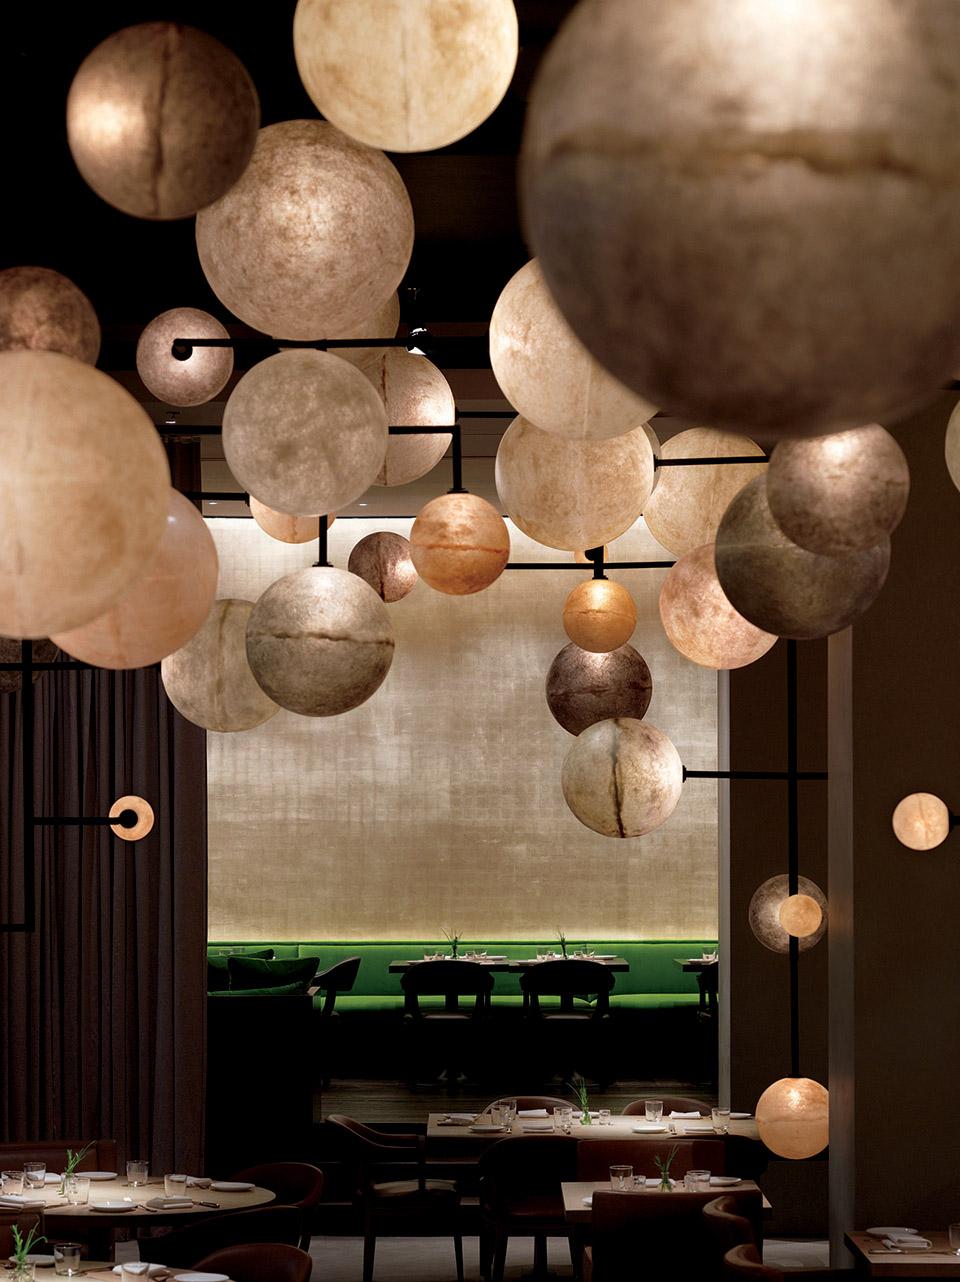 Dimore Studio: tra design, architettura e moda dimore studio Dimore Studio: tra design, architettura e moda 01 PUBLIC HOTEL PUMP ROOM CHICAGO